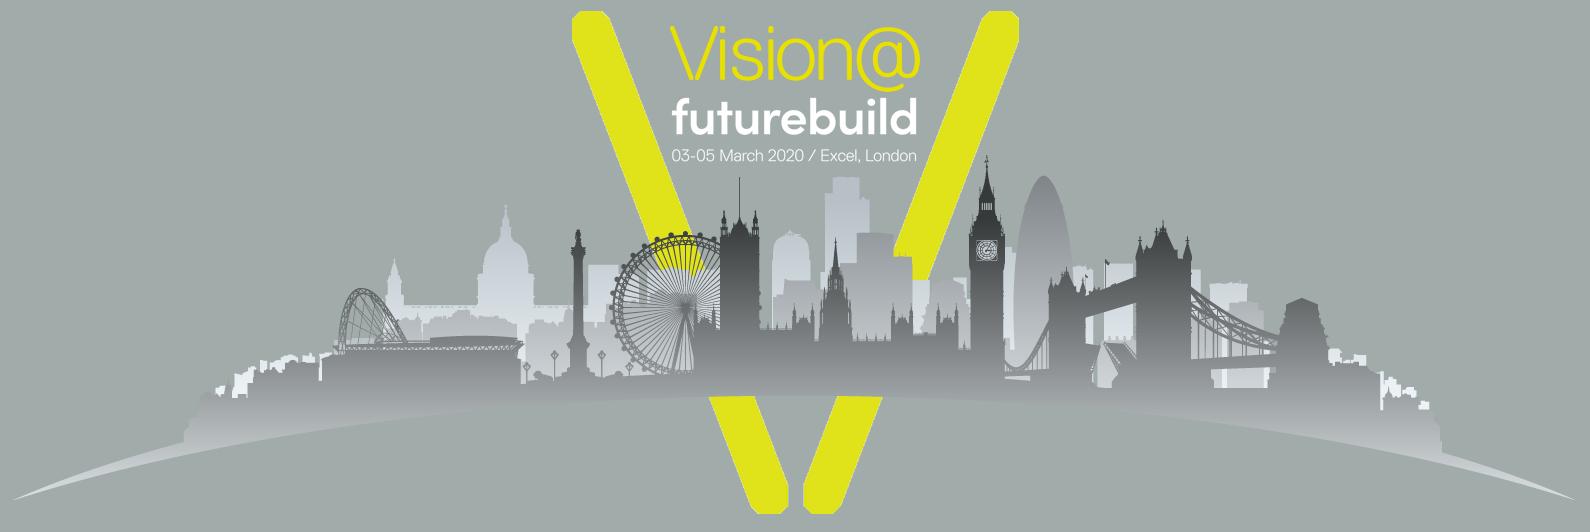 Vision@futurebuild 2020